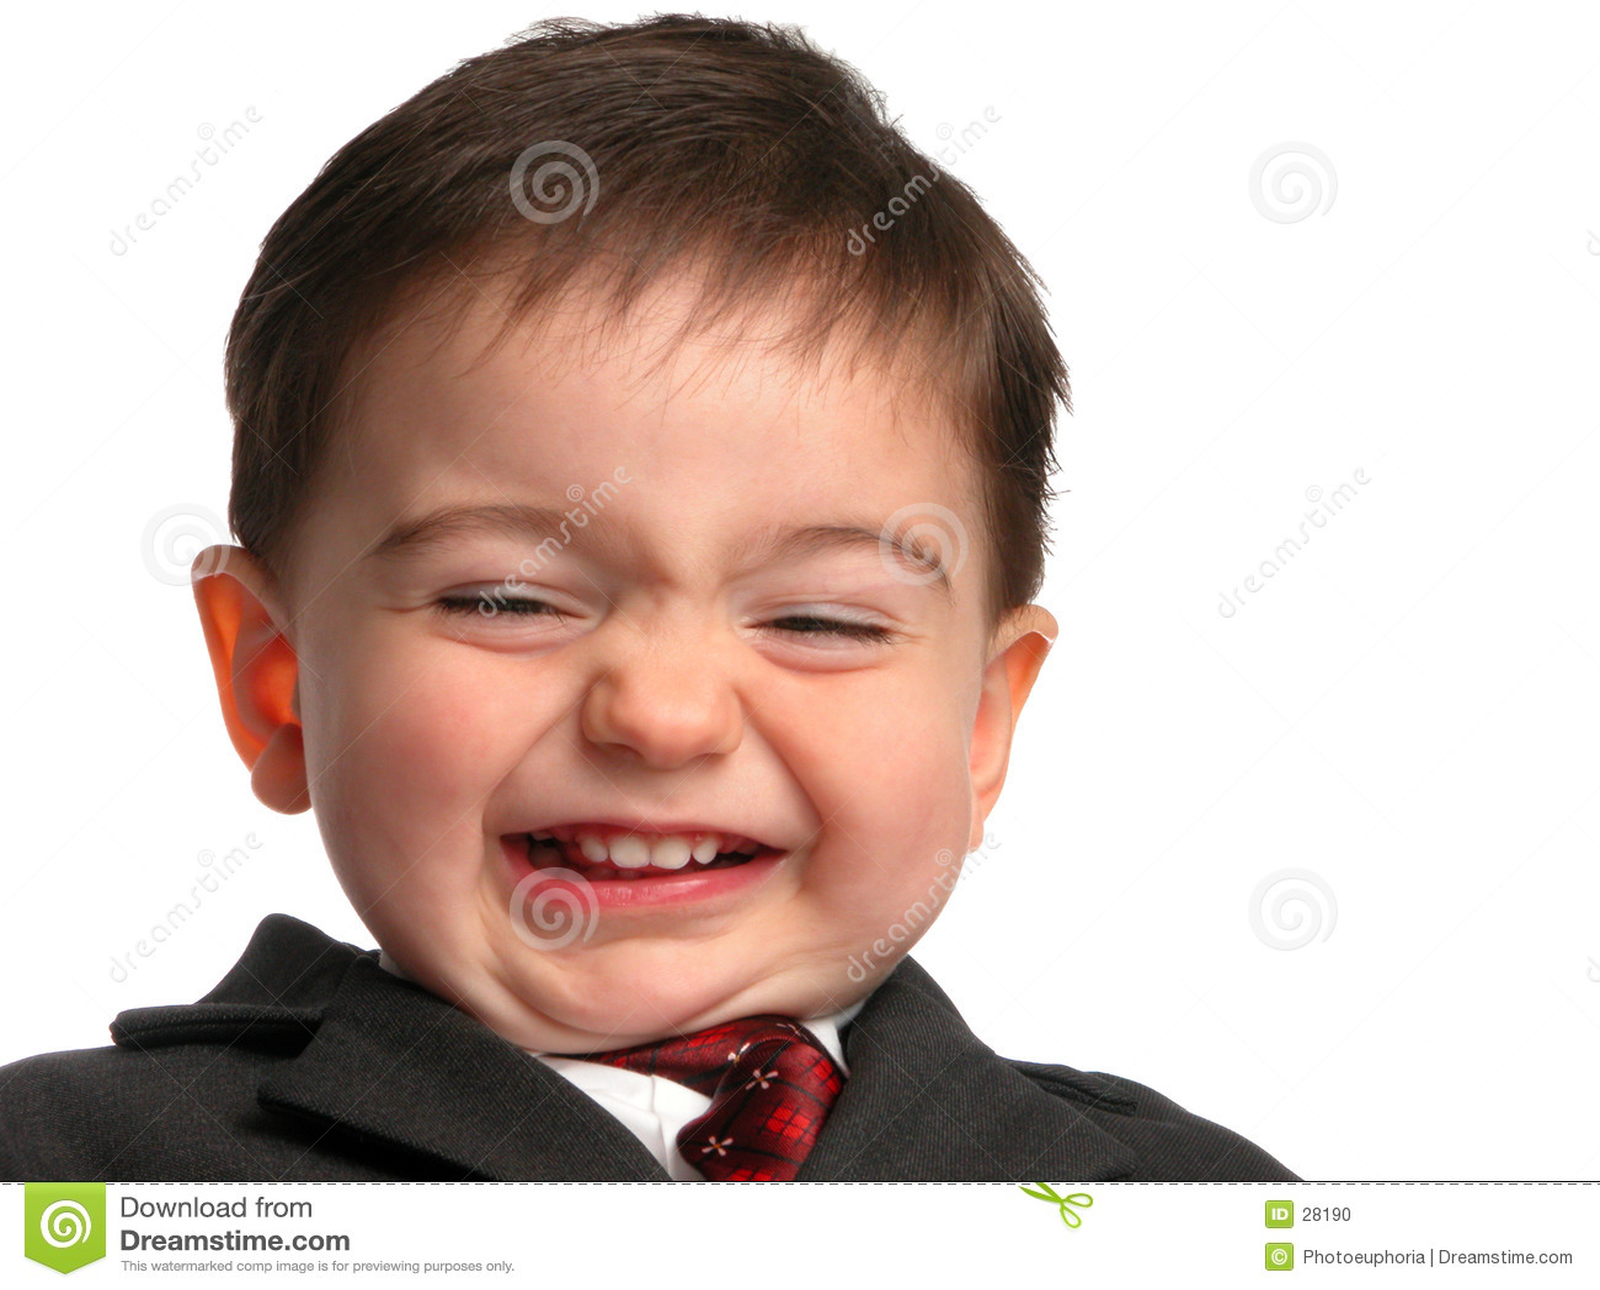 Série pequena do homem: Sorriso ácido da salmoura